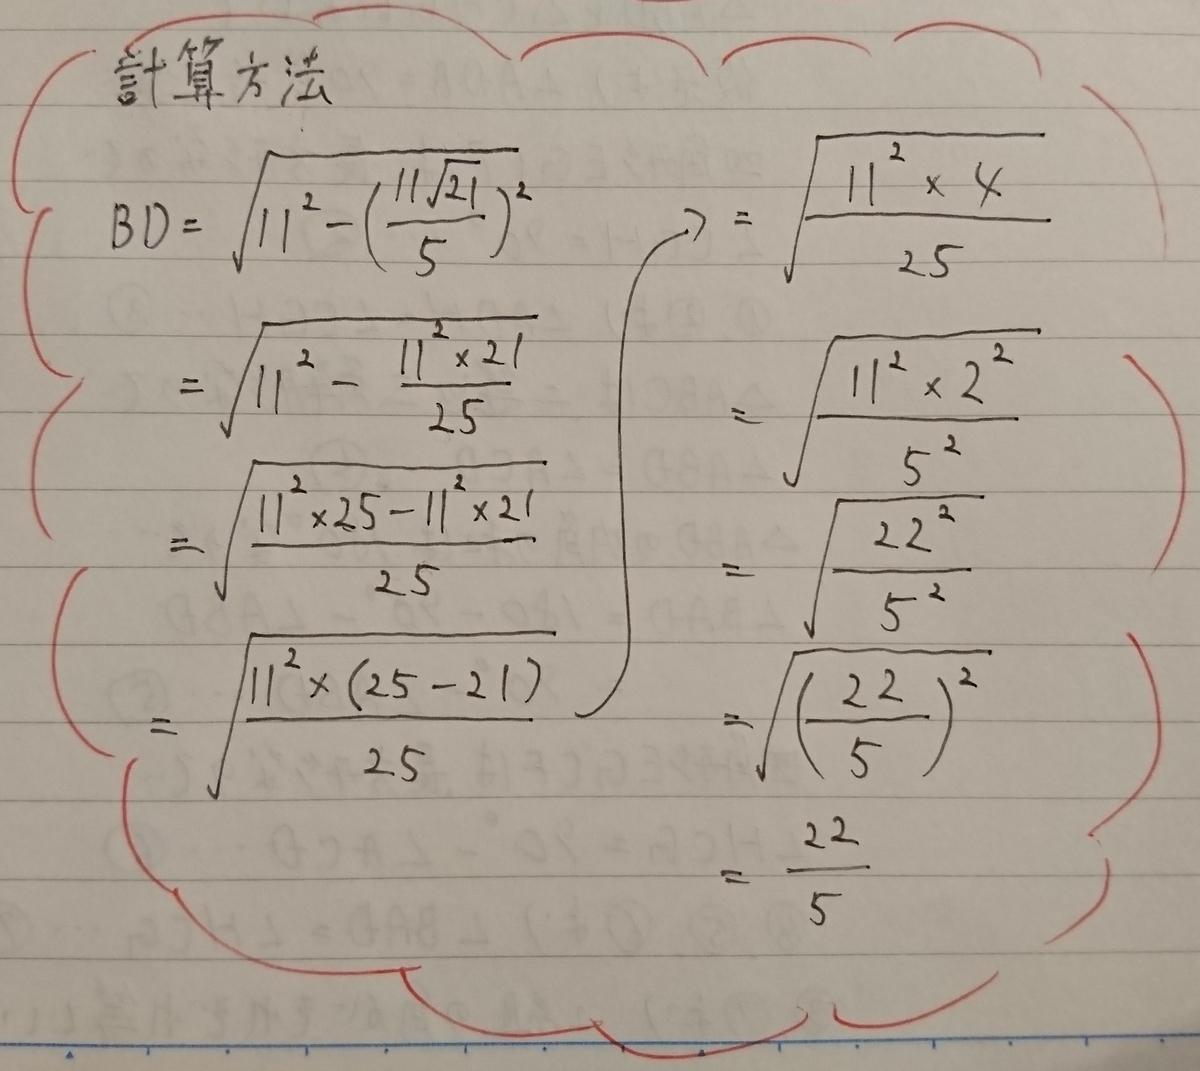 入試数学B3_2_1計算